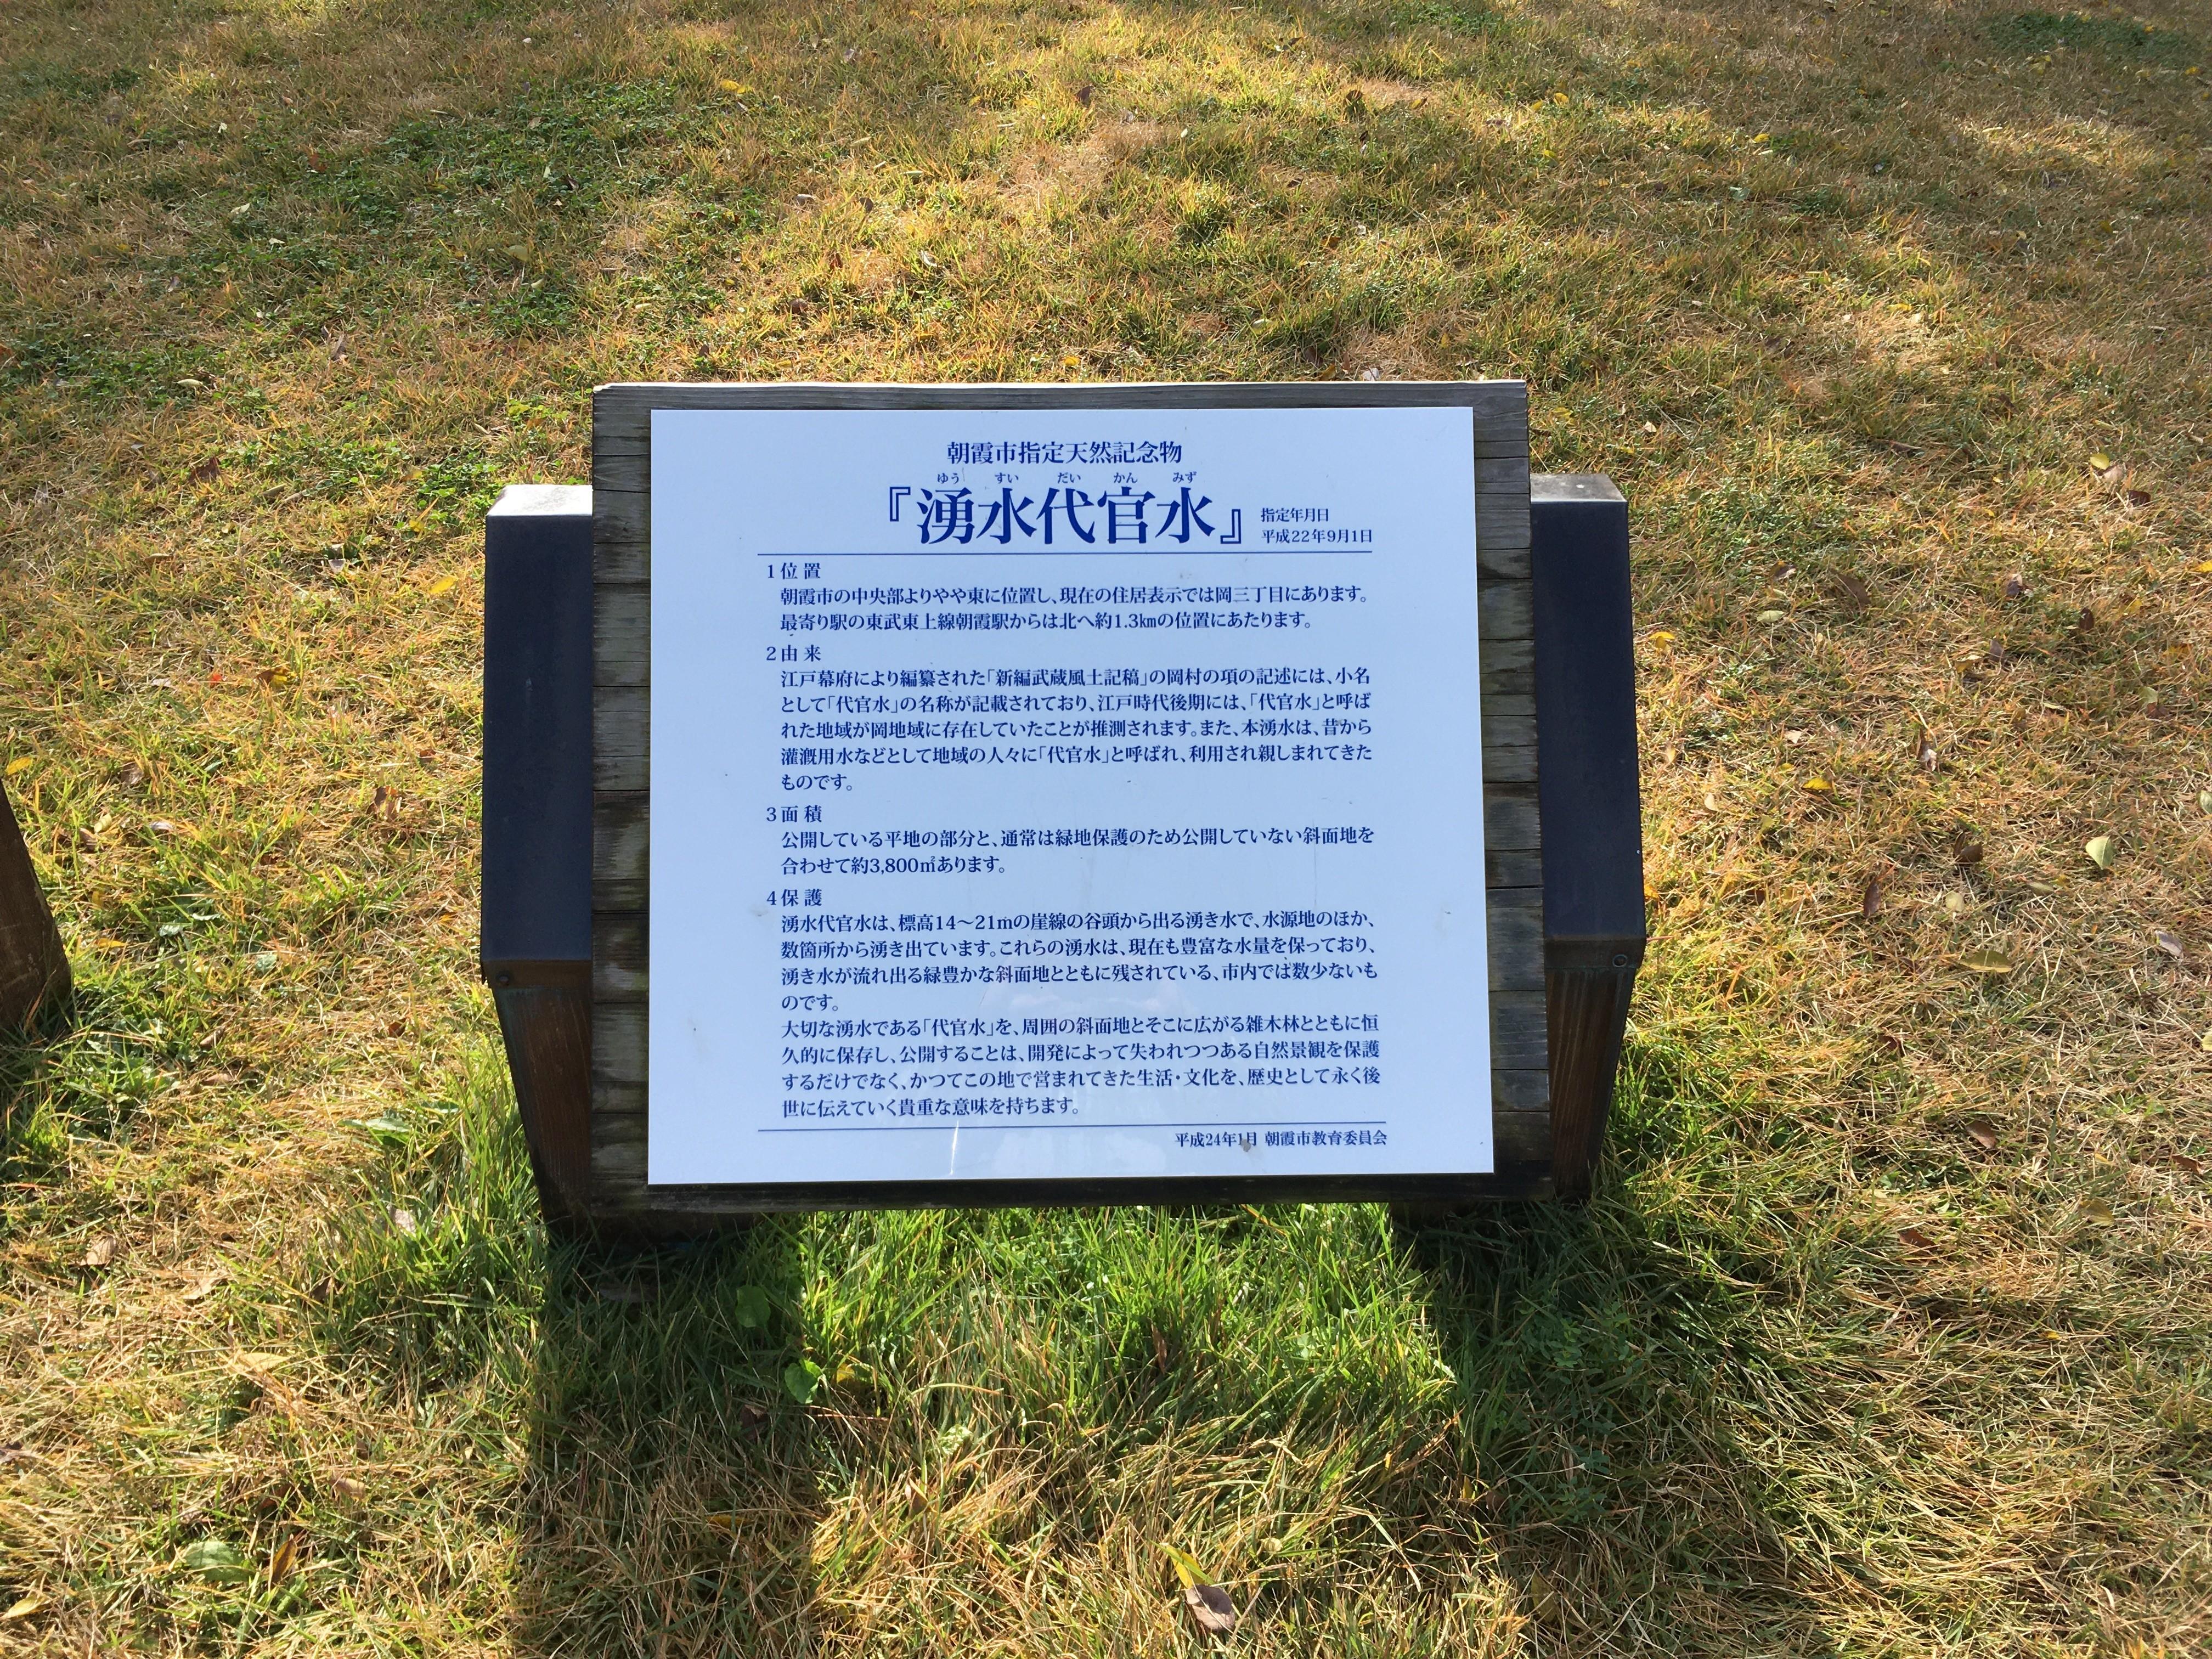 朝霞市指定天然記念物『湧水代官水』